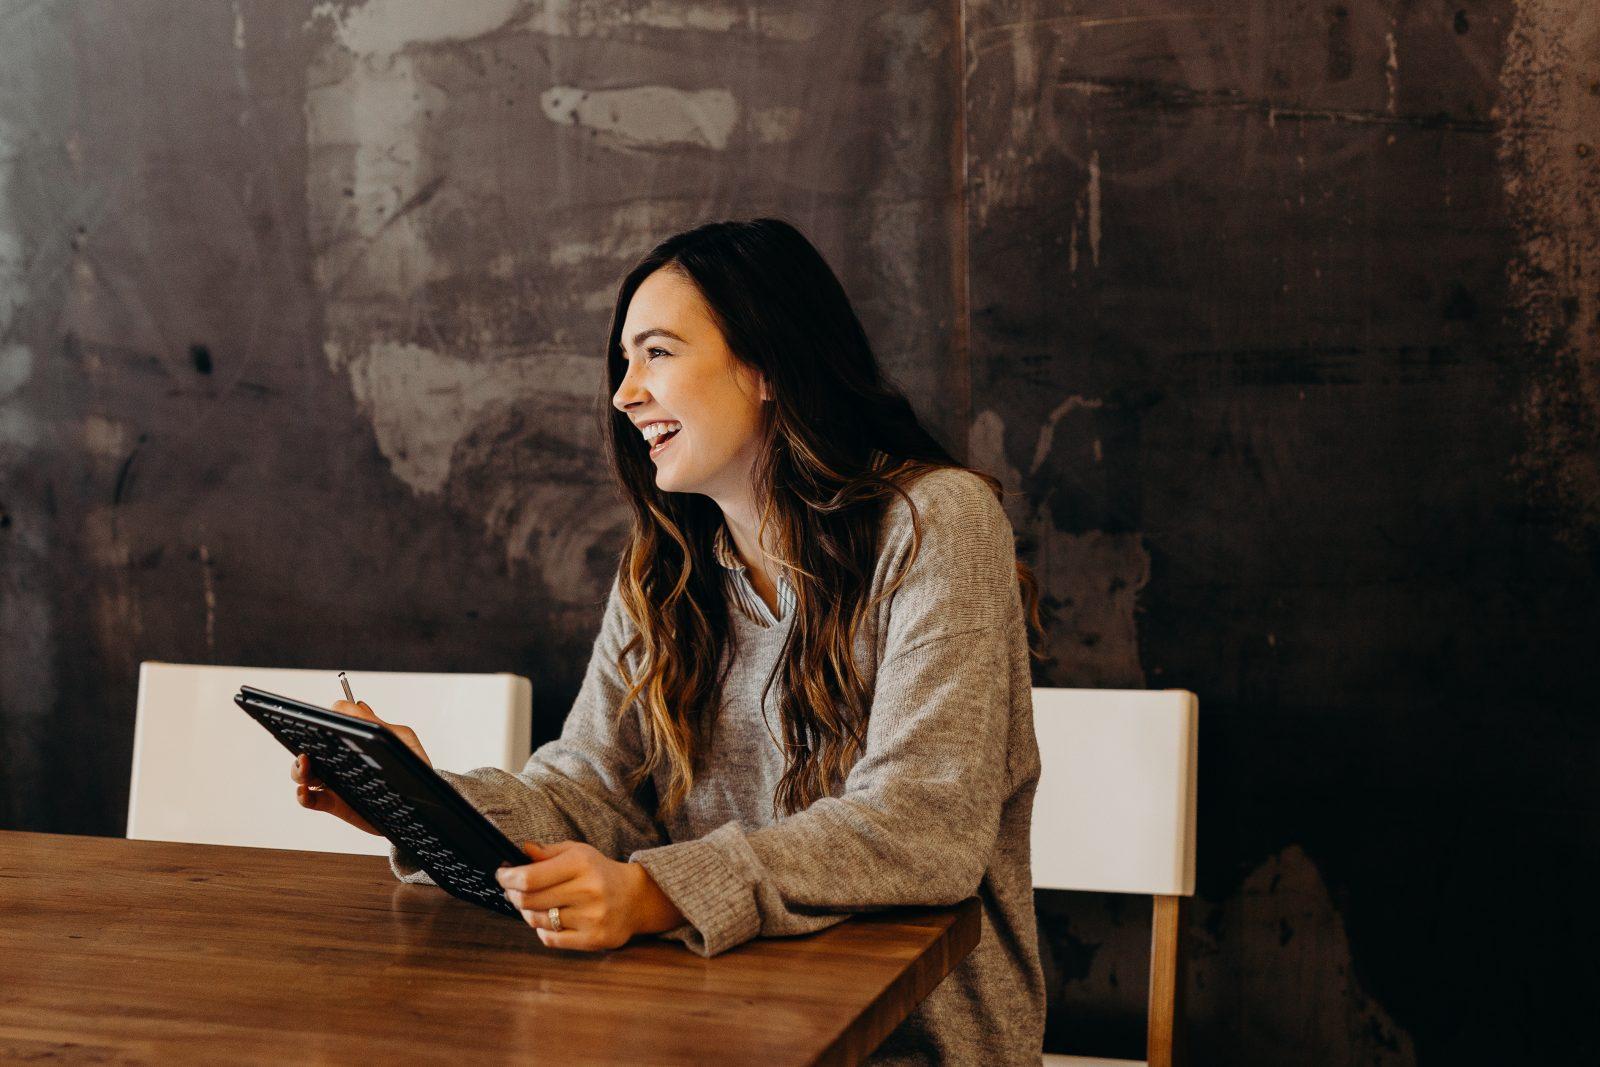 jbwcenourcg - Três Fatos Importantes Sobre Sua Carta De Apresentação Que Você Deve Conhecer